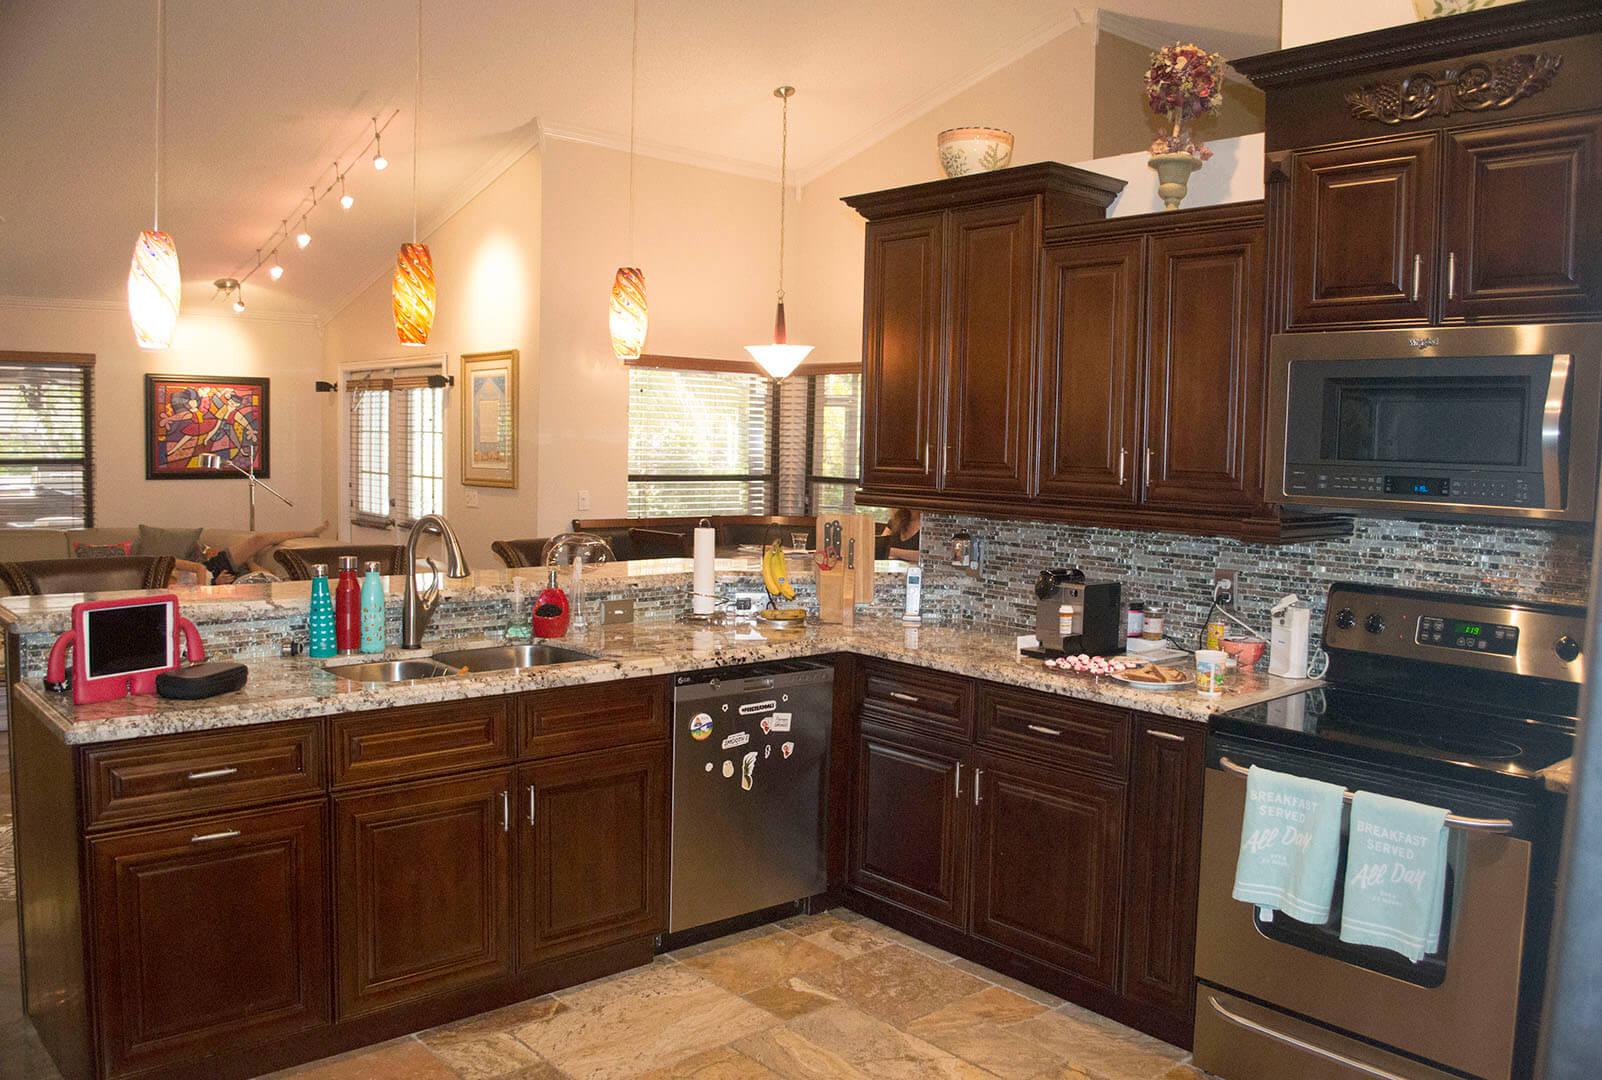 9651-Ridgeside-Ct-Davie-FL-3-Kitchen-3